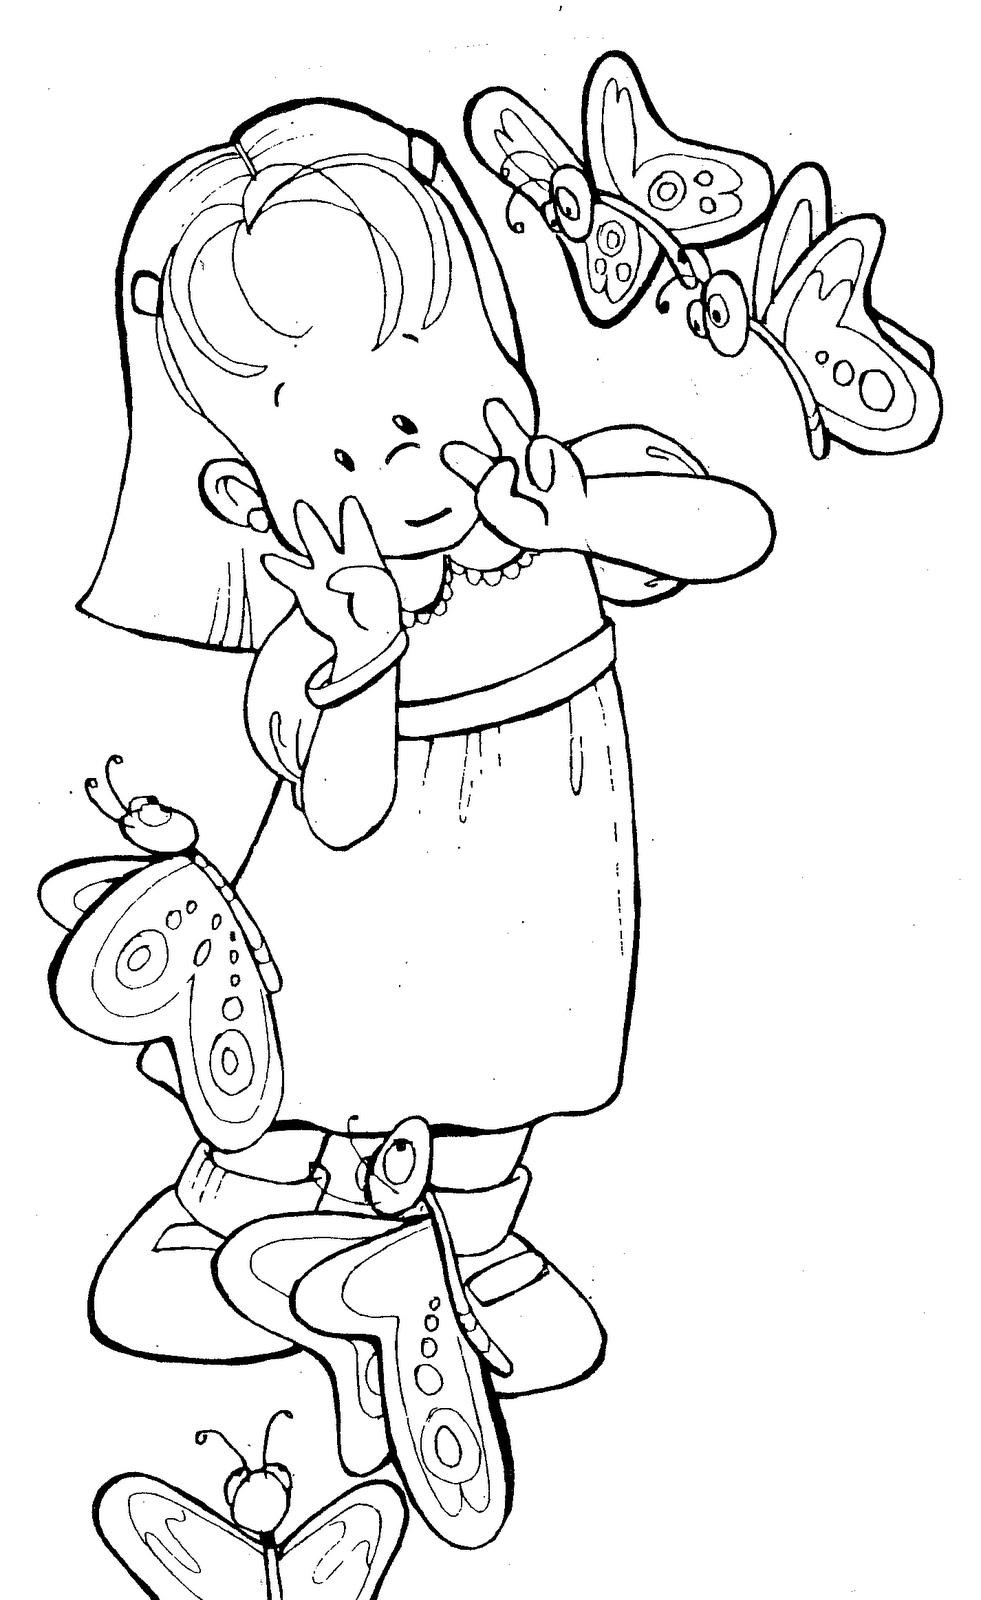 Primavera 42 disegni per bambini da colorare for Disegno bambina da colorare